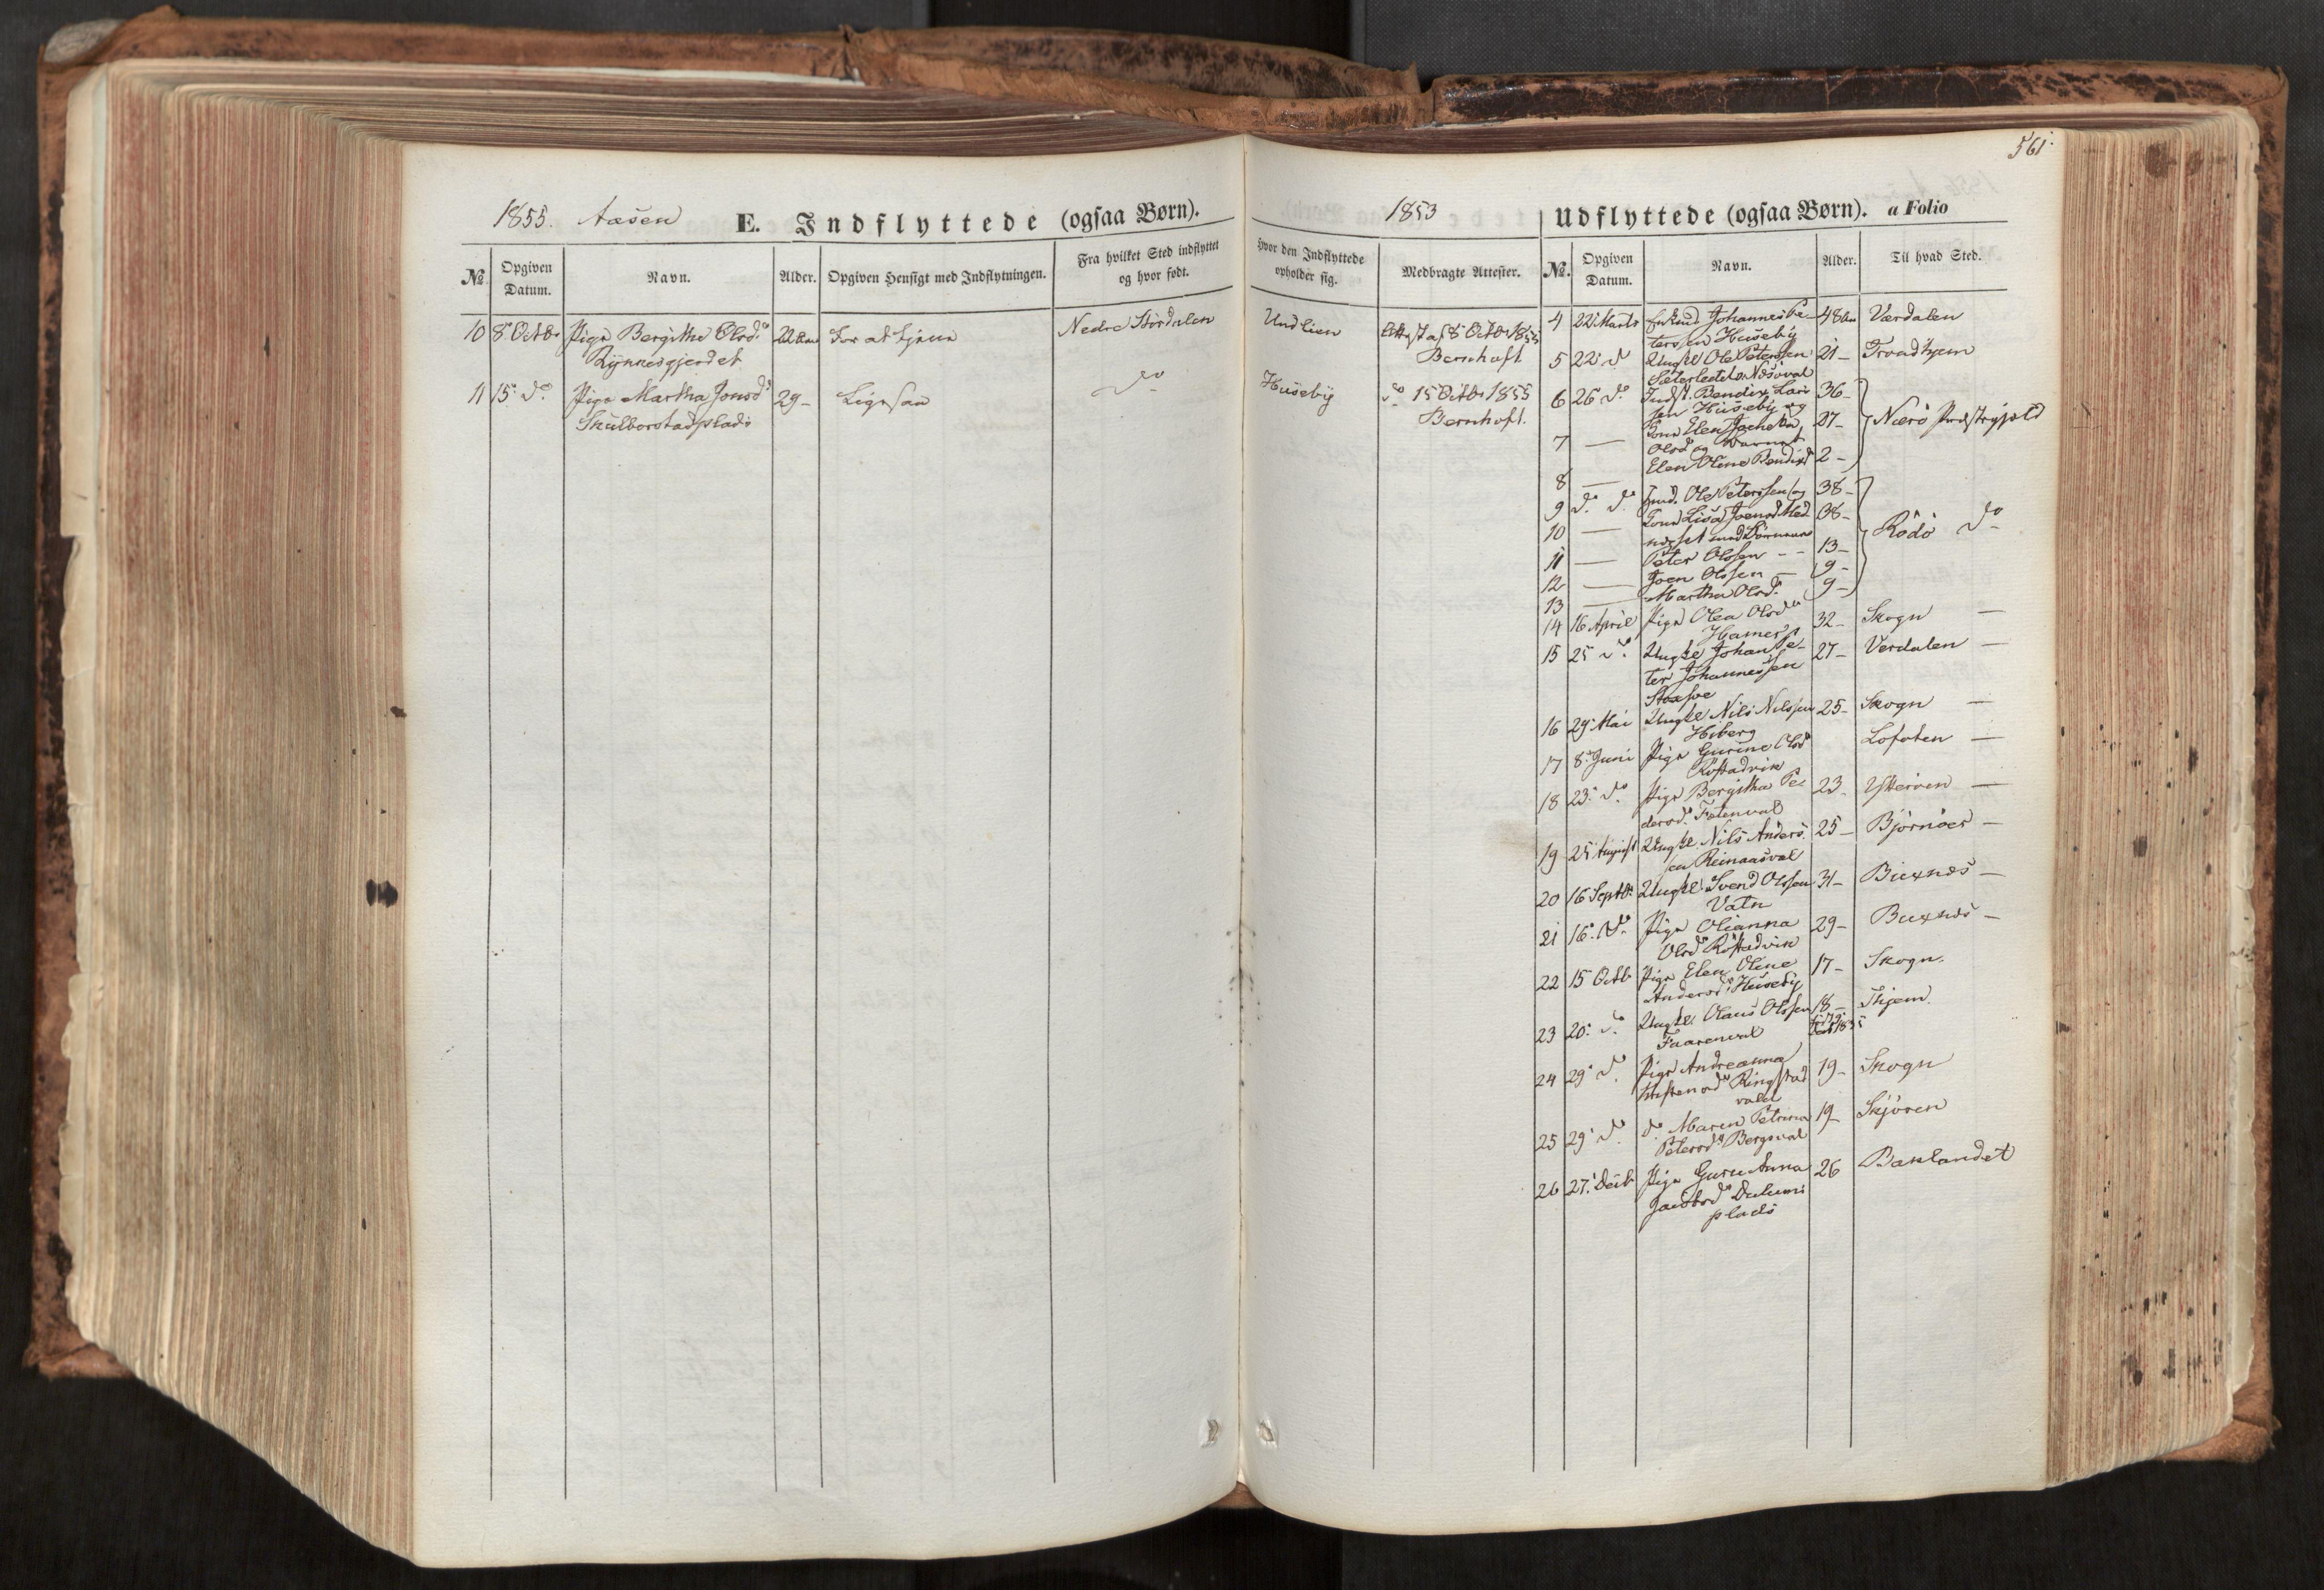 SAT, Ministerialprotokoller, klokkerbøker og fødselsregistre - Nord-Trøndelag, 713/L0116: Ministerialbok nr. 713A07, 1850-1877, s. 561